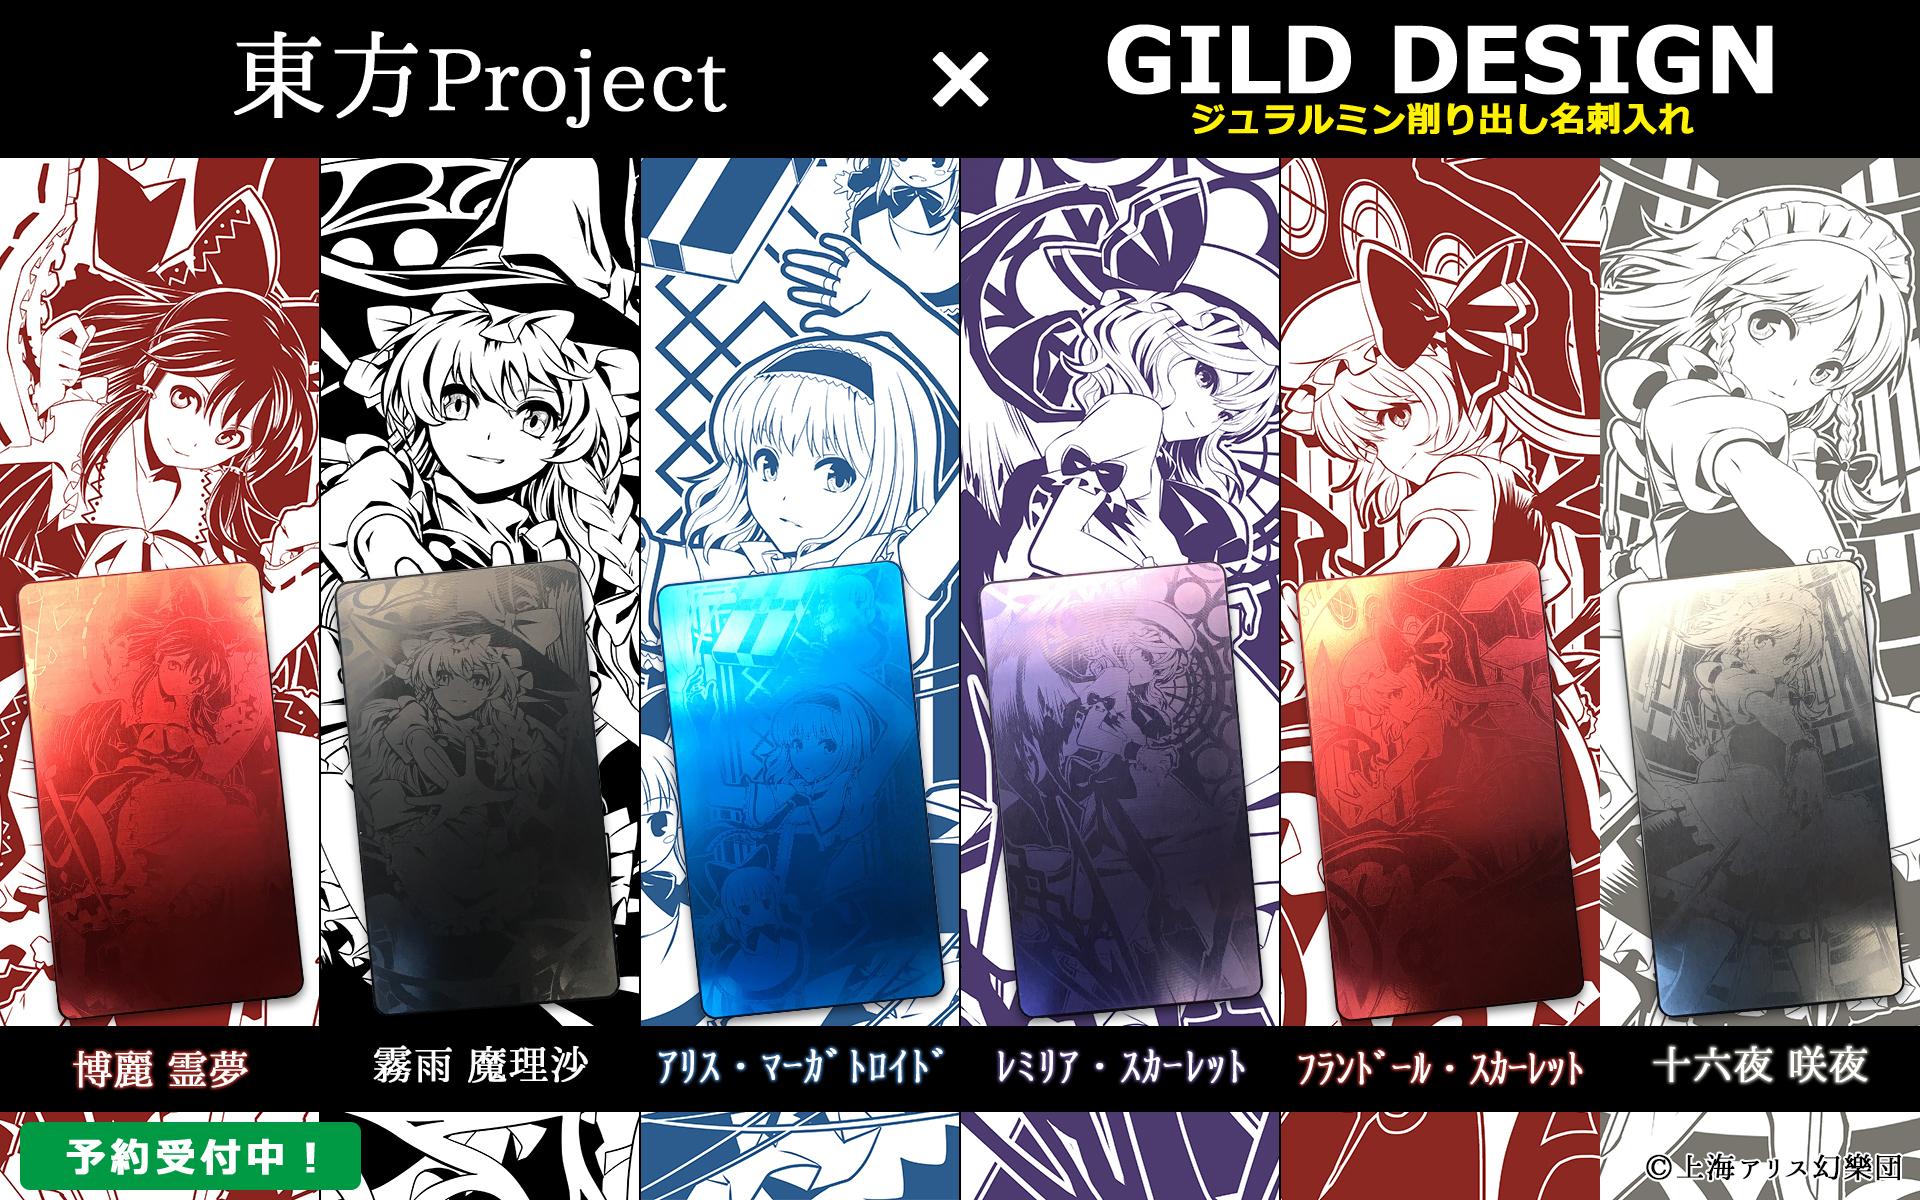 一生モノのキャラクターグッズ誕生 東方project Gild Design